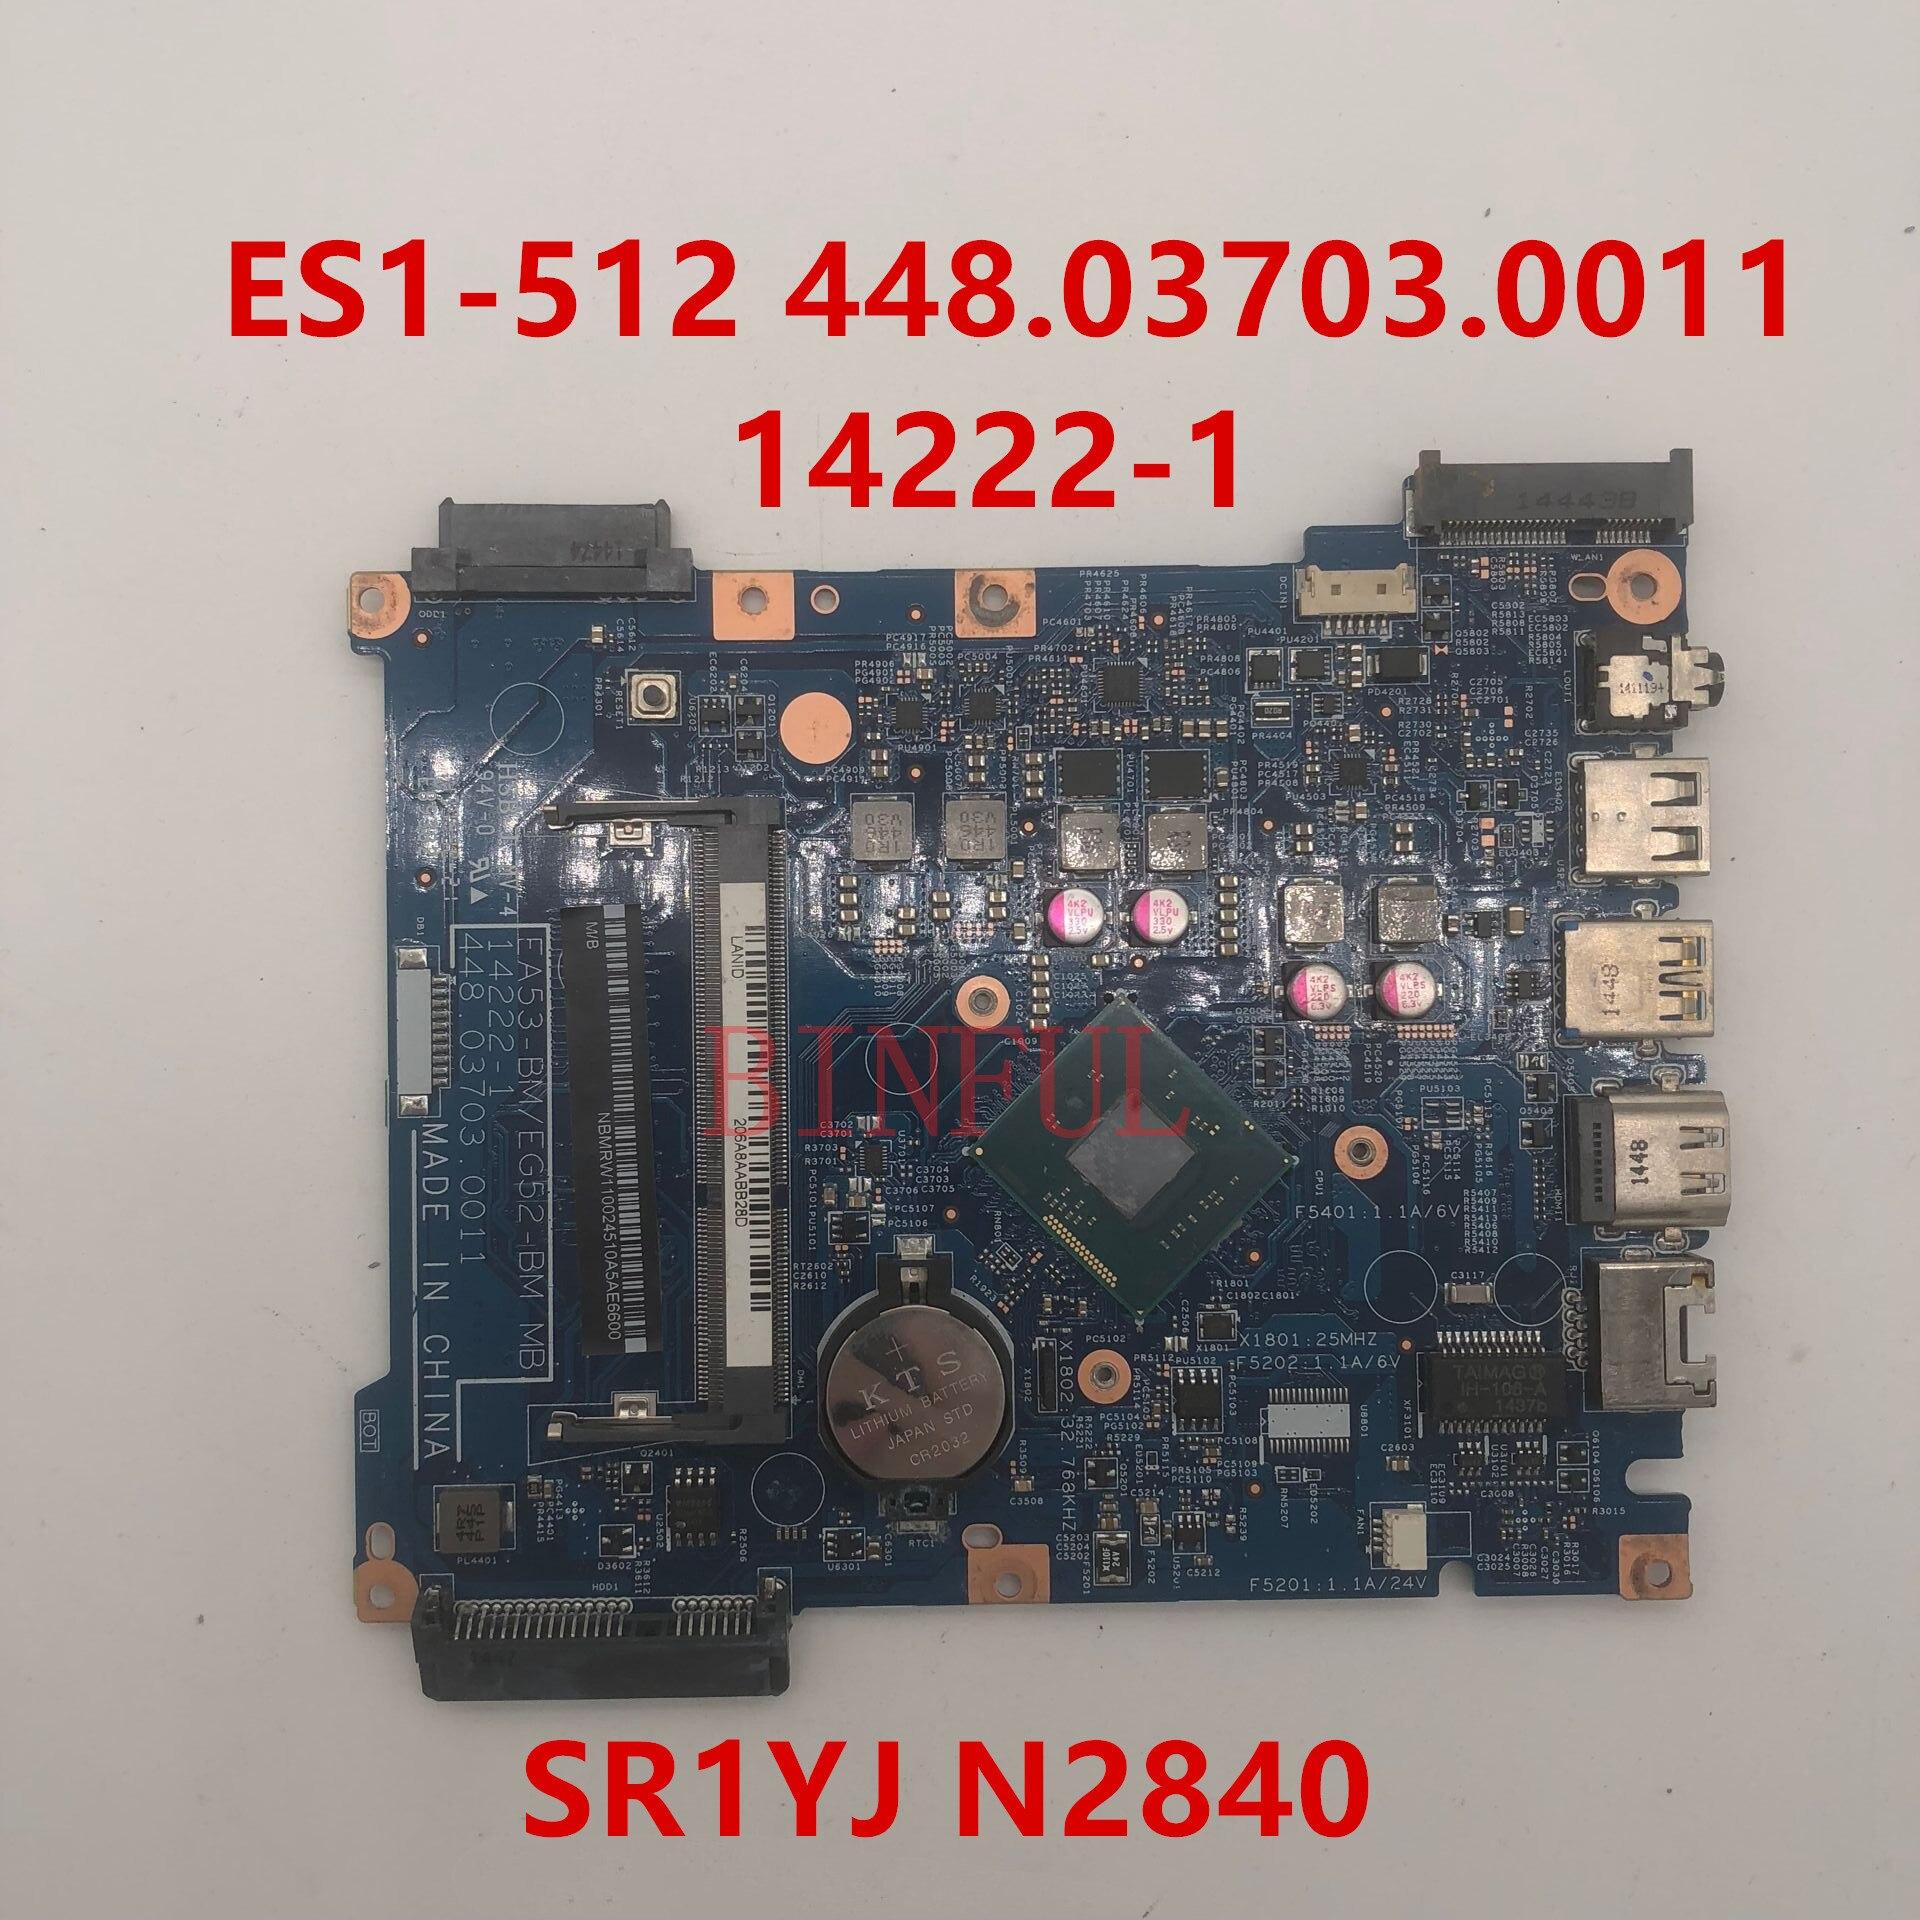 For Acer Aspire ES1-512 Intel N2840 Motherboard 14222-1 448.03703.0011 test OK